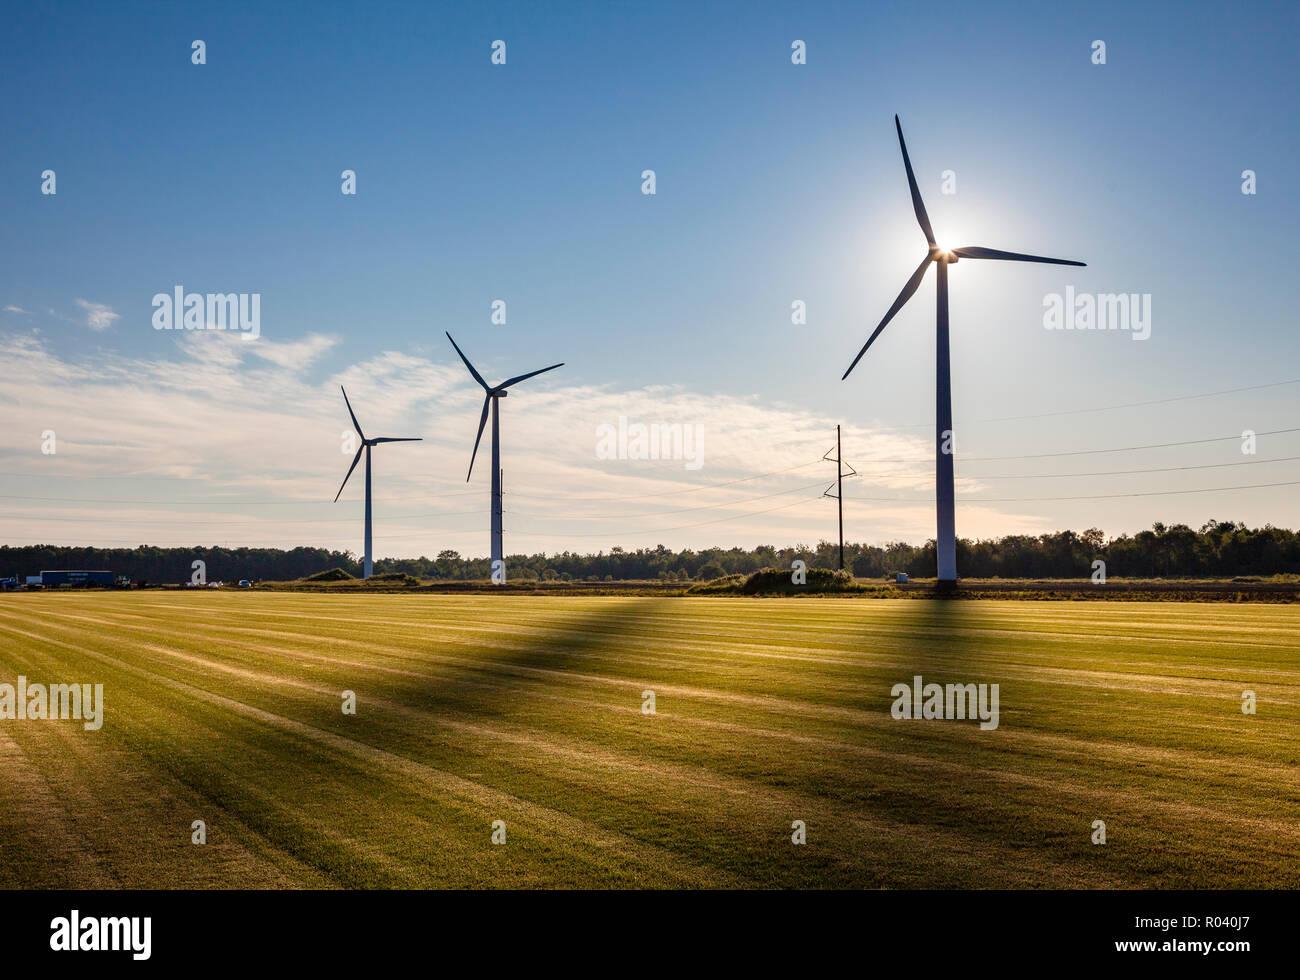 Hintergrundbeleuchtung Windenergieanlagen mit Schatten auf ein grünes Feld. Stockbild